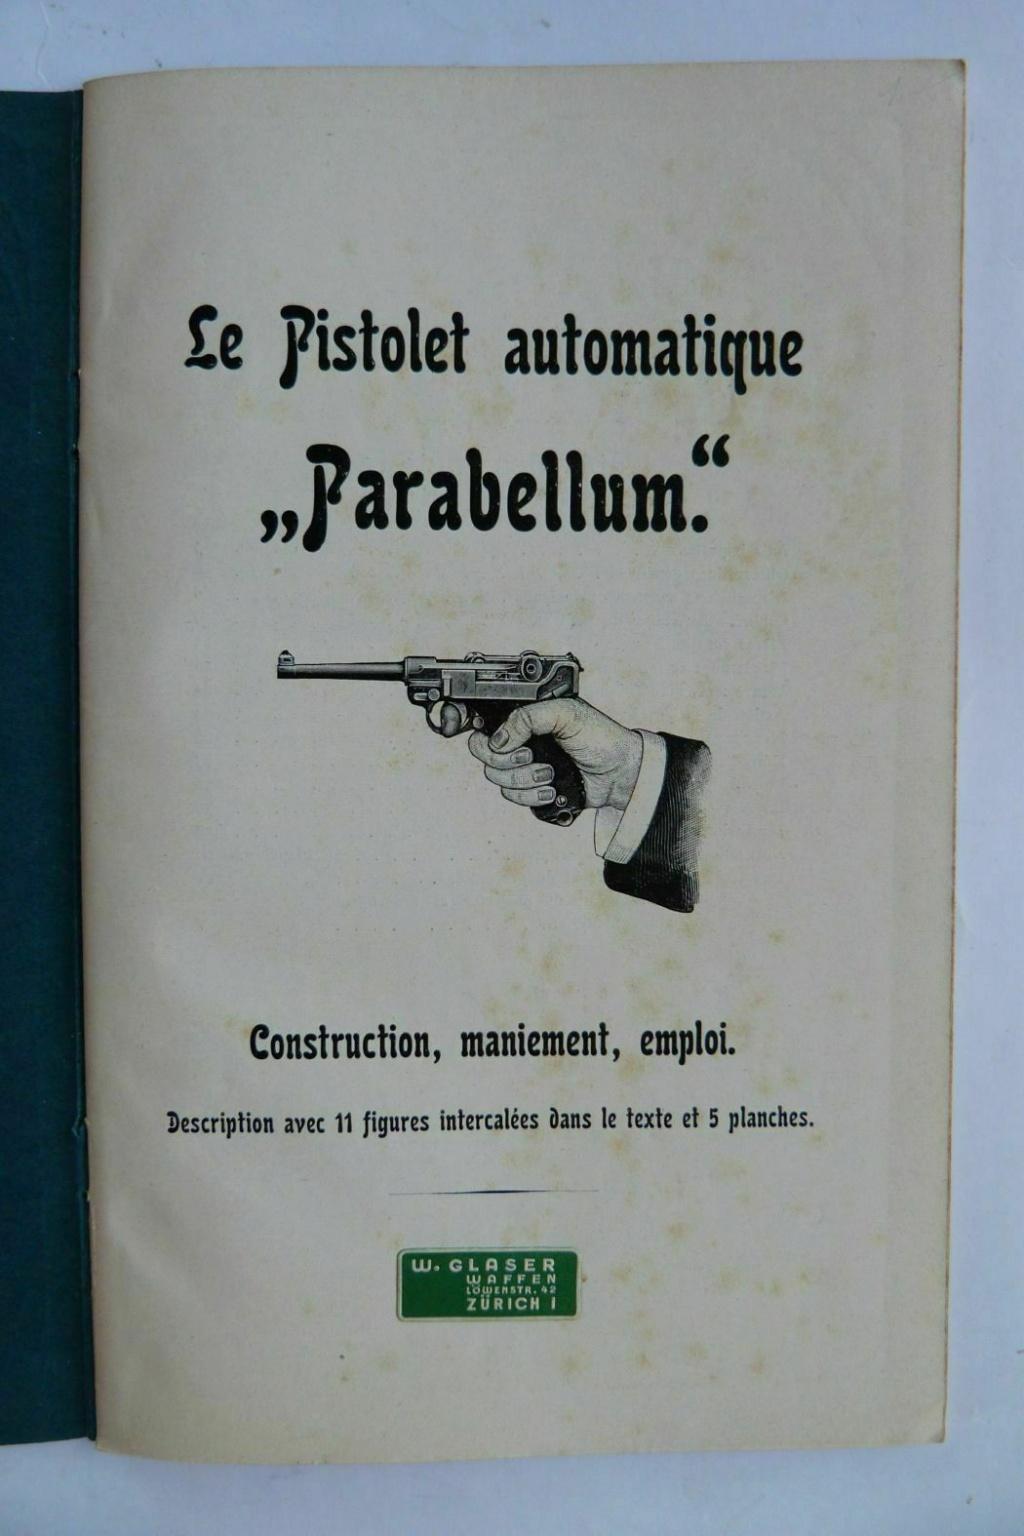 Livrets et manuels du Luger P08 et Parabellum - Page 2 Manuel26